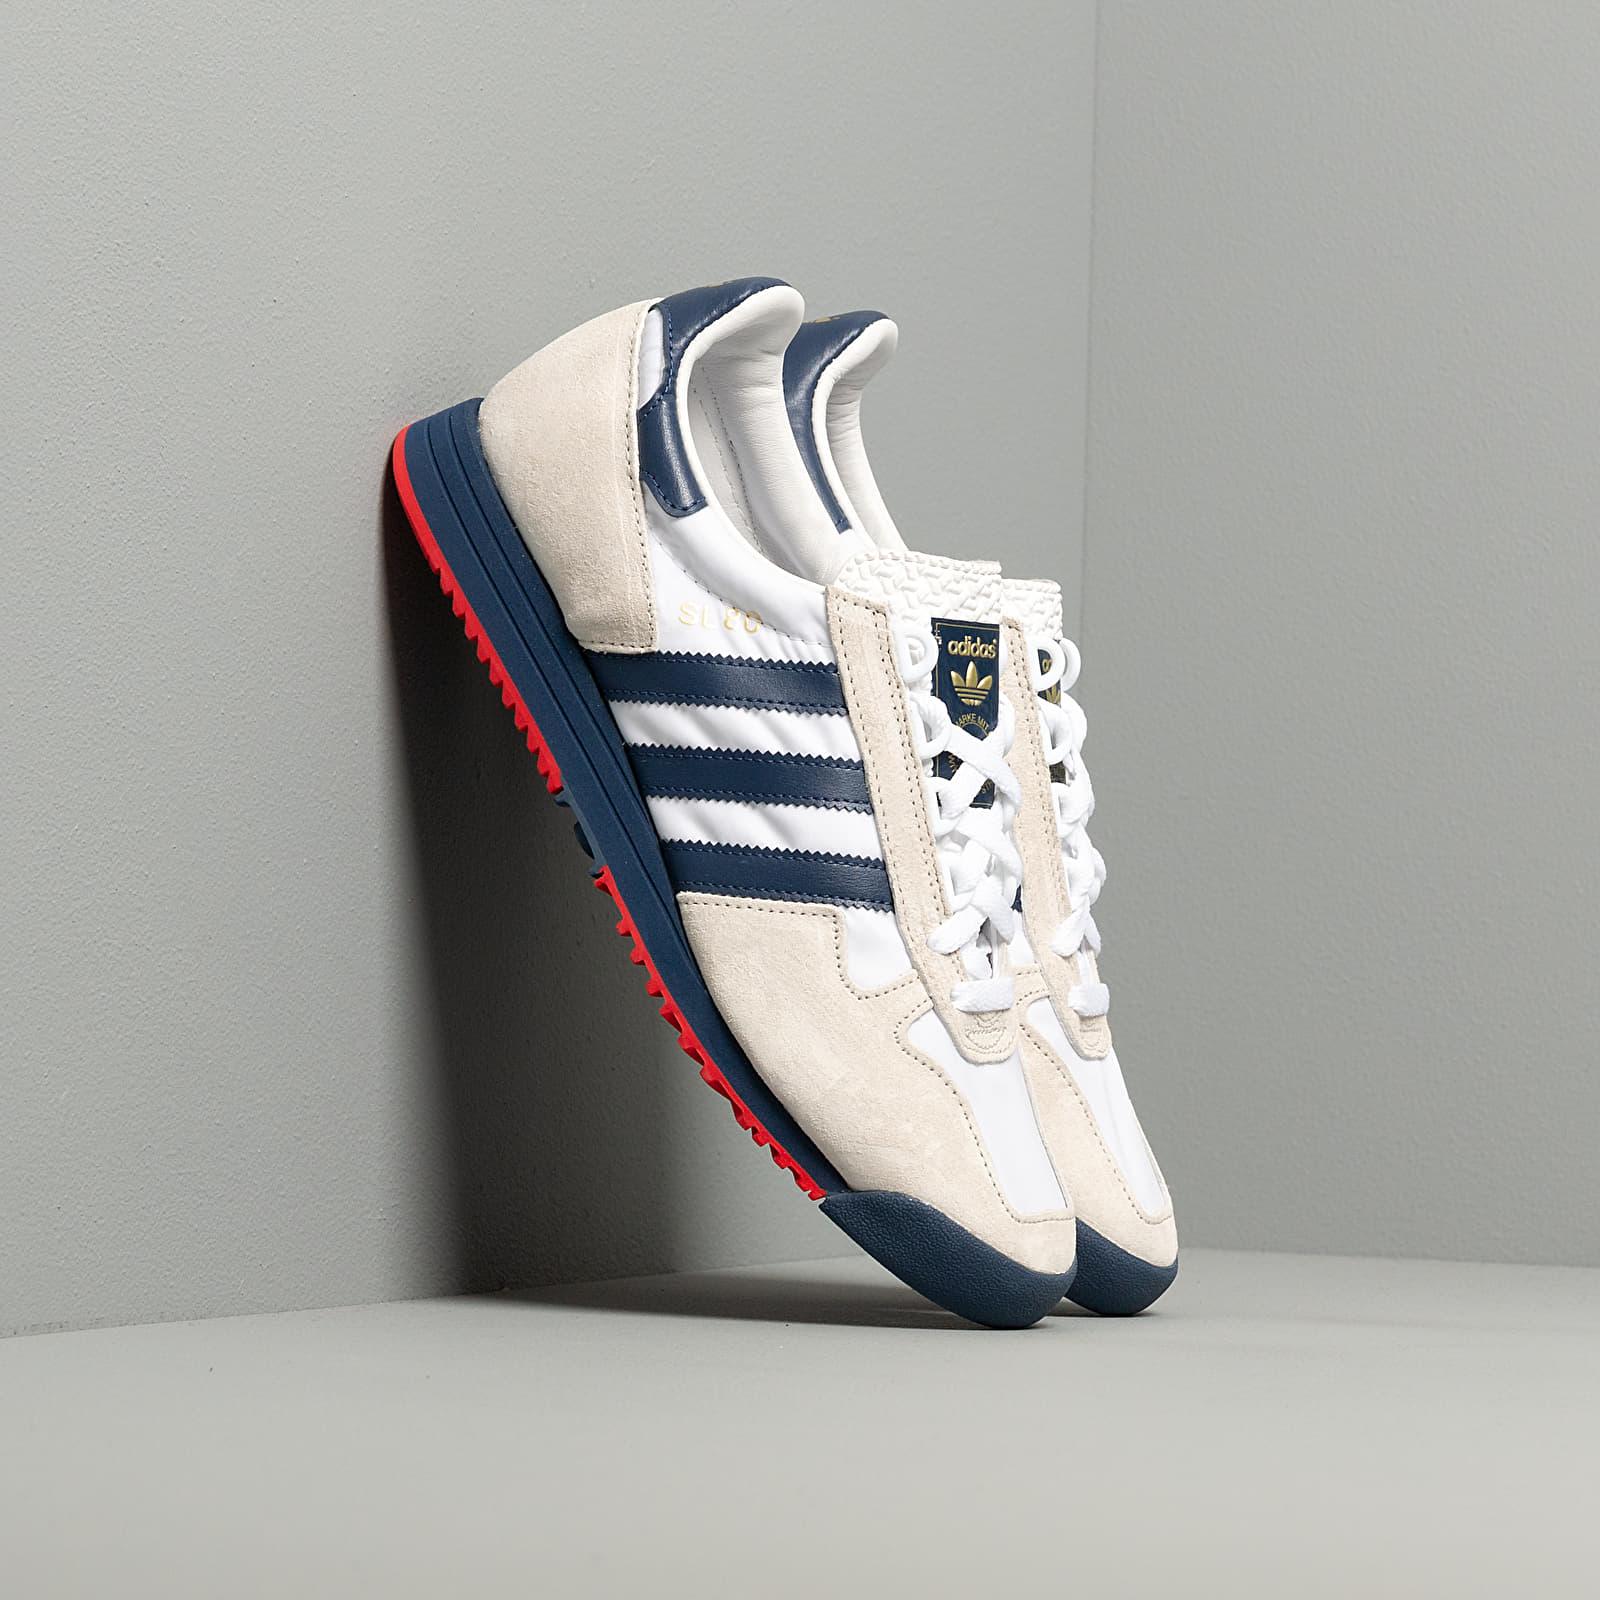 adidas SL 80 Ftw White Tech Indigo Orb Grey | Footshop